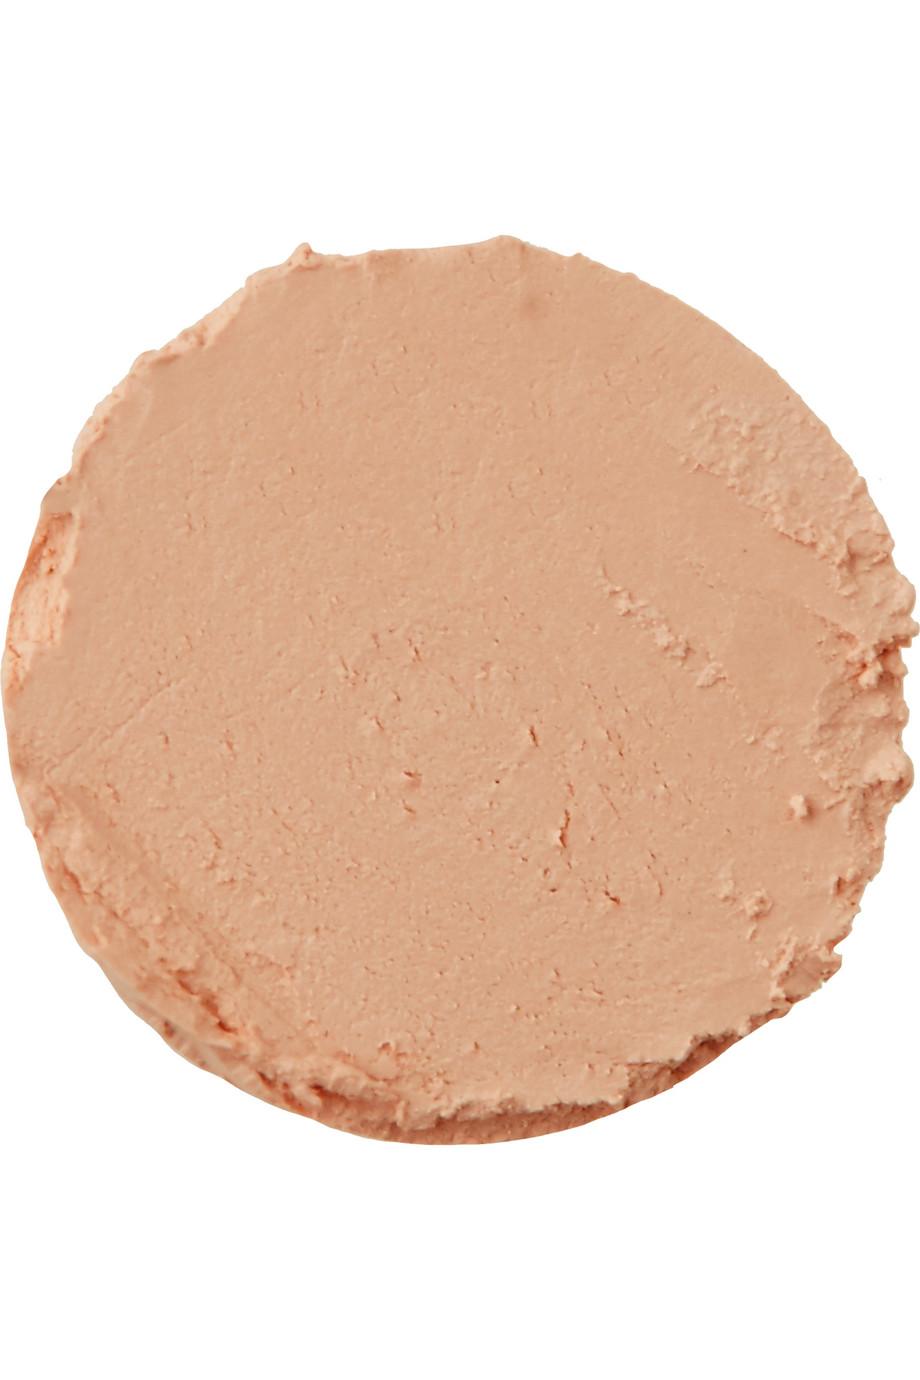 Surratt Beauty Surreal Skin Concealer - 04